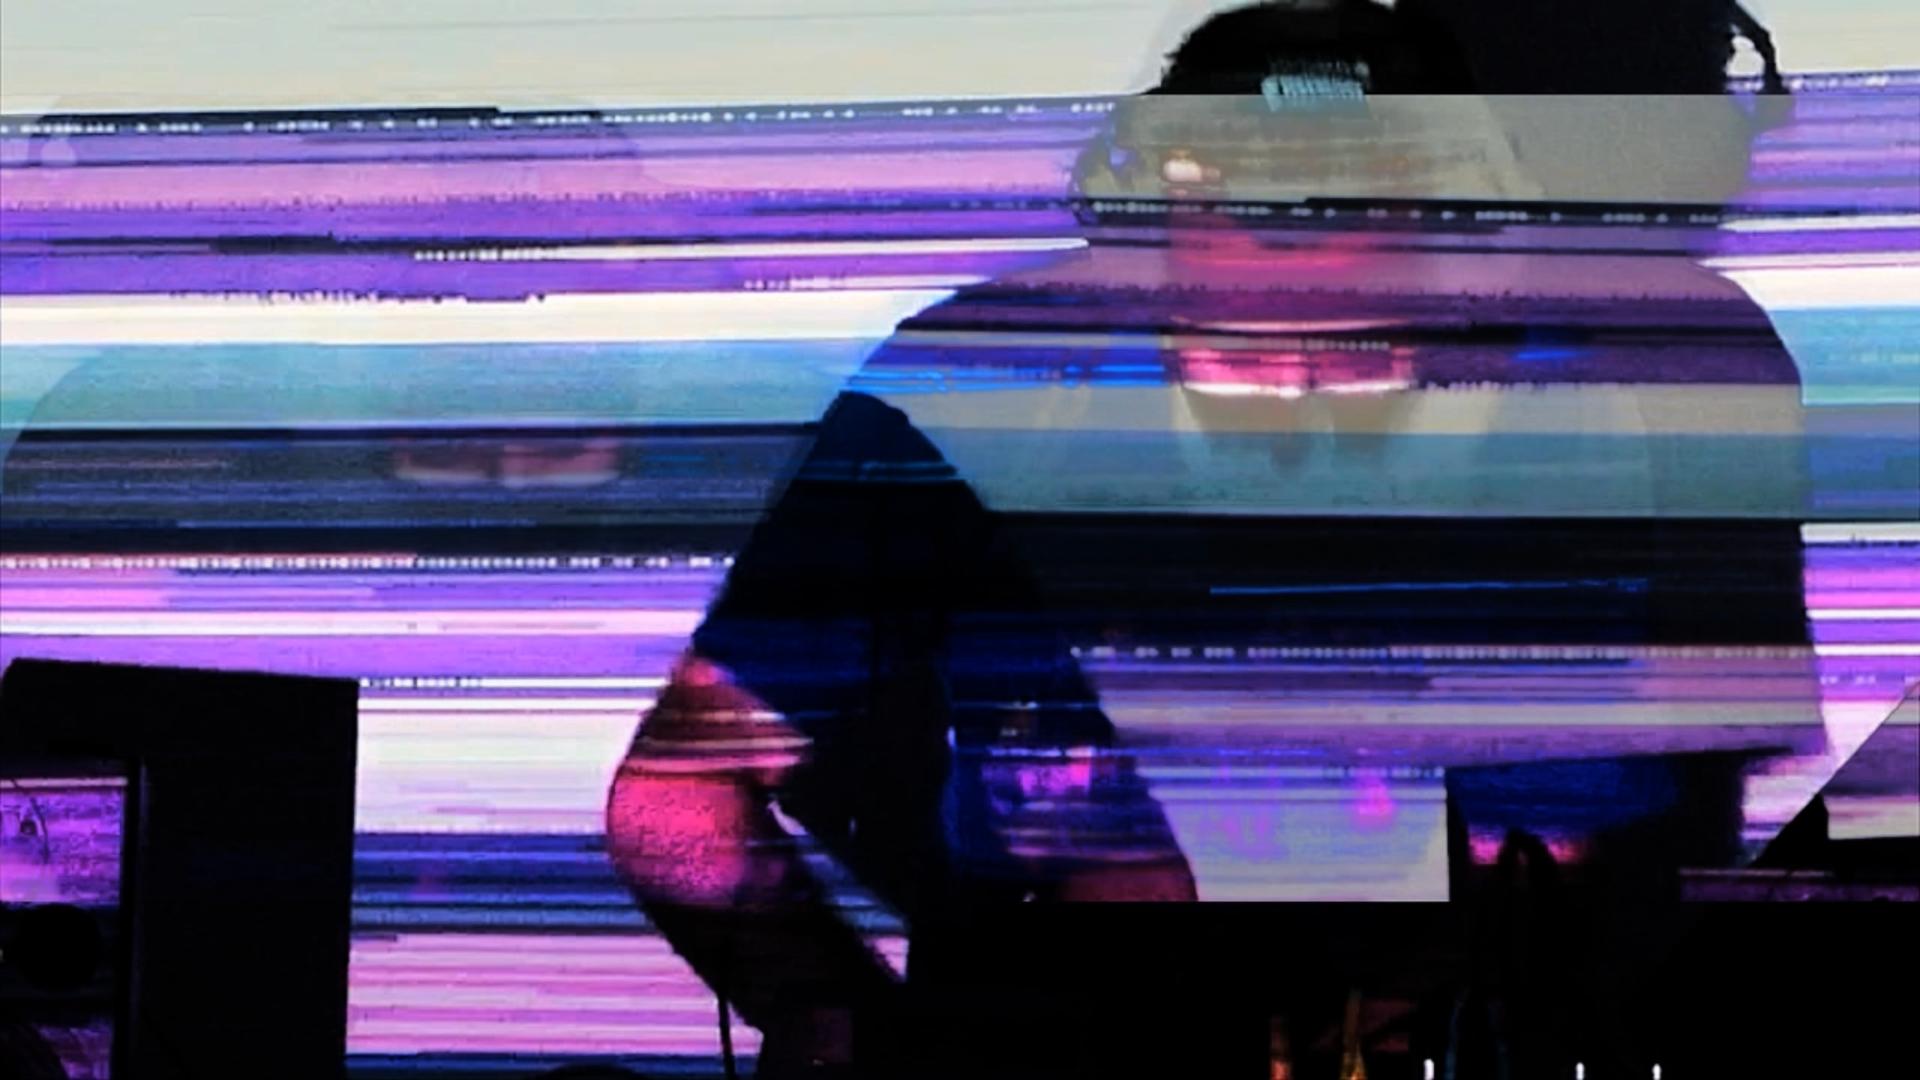 C_C – NuWHWuN – 2013